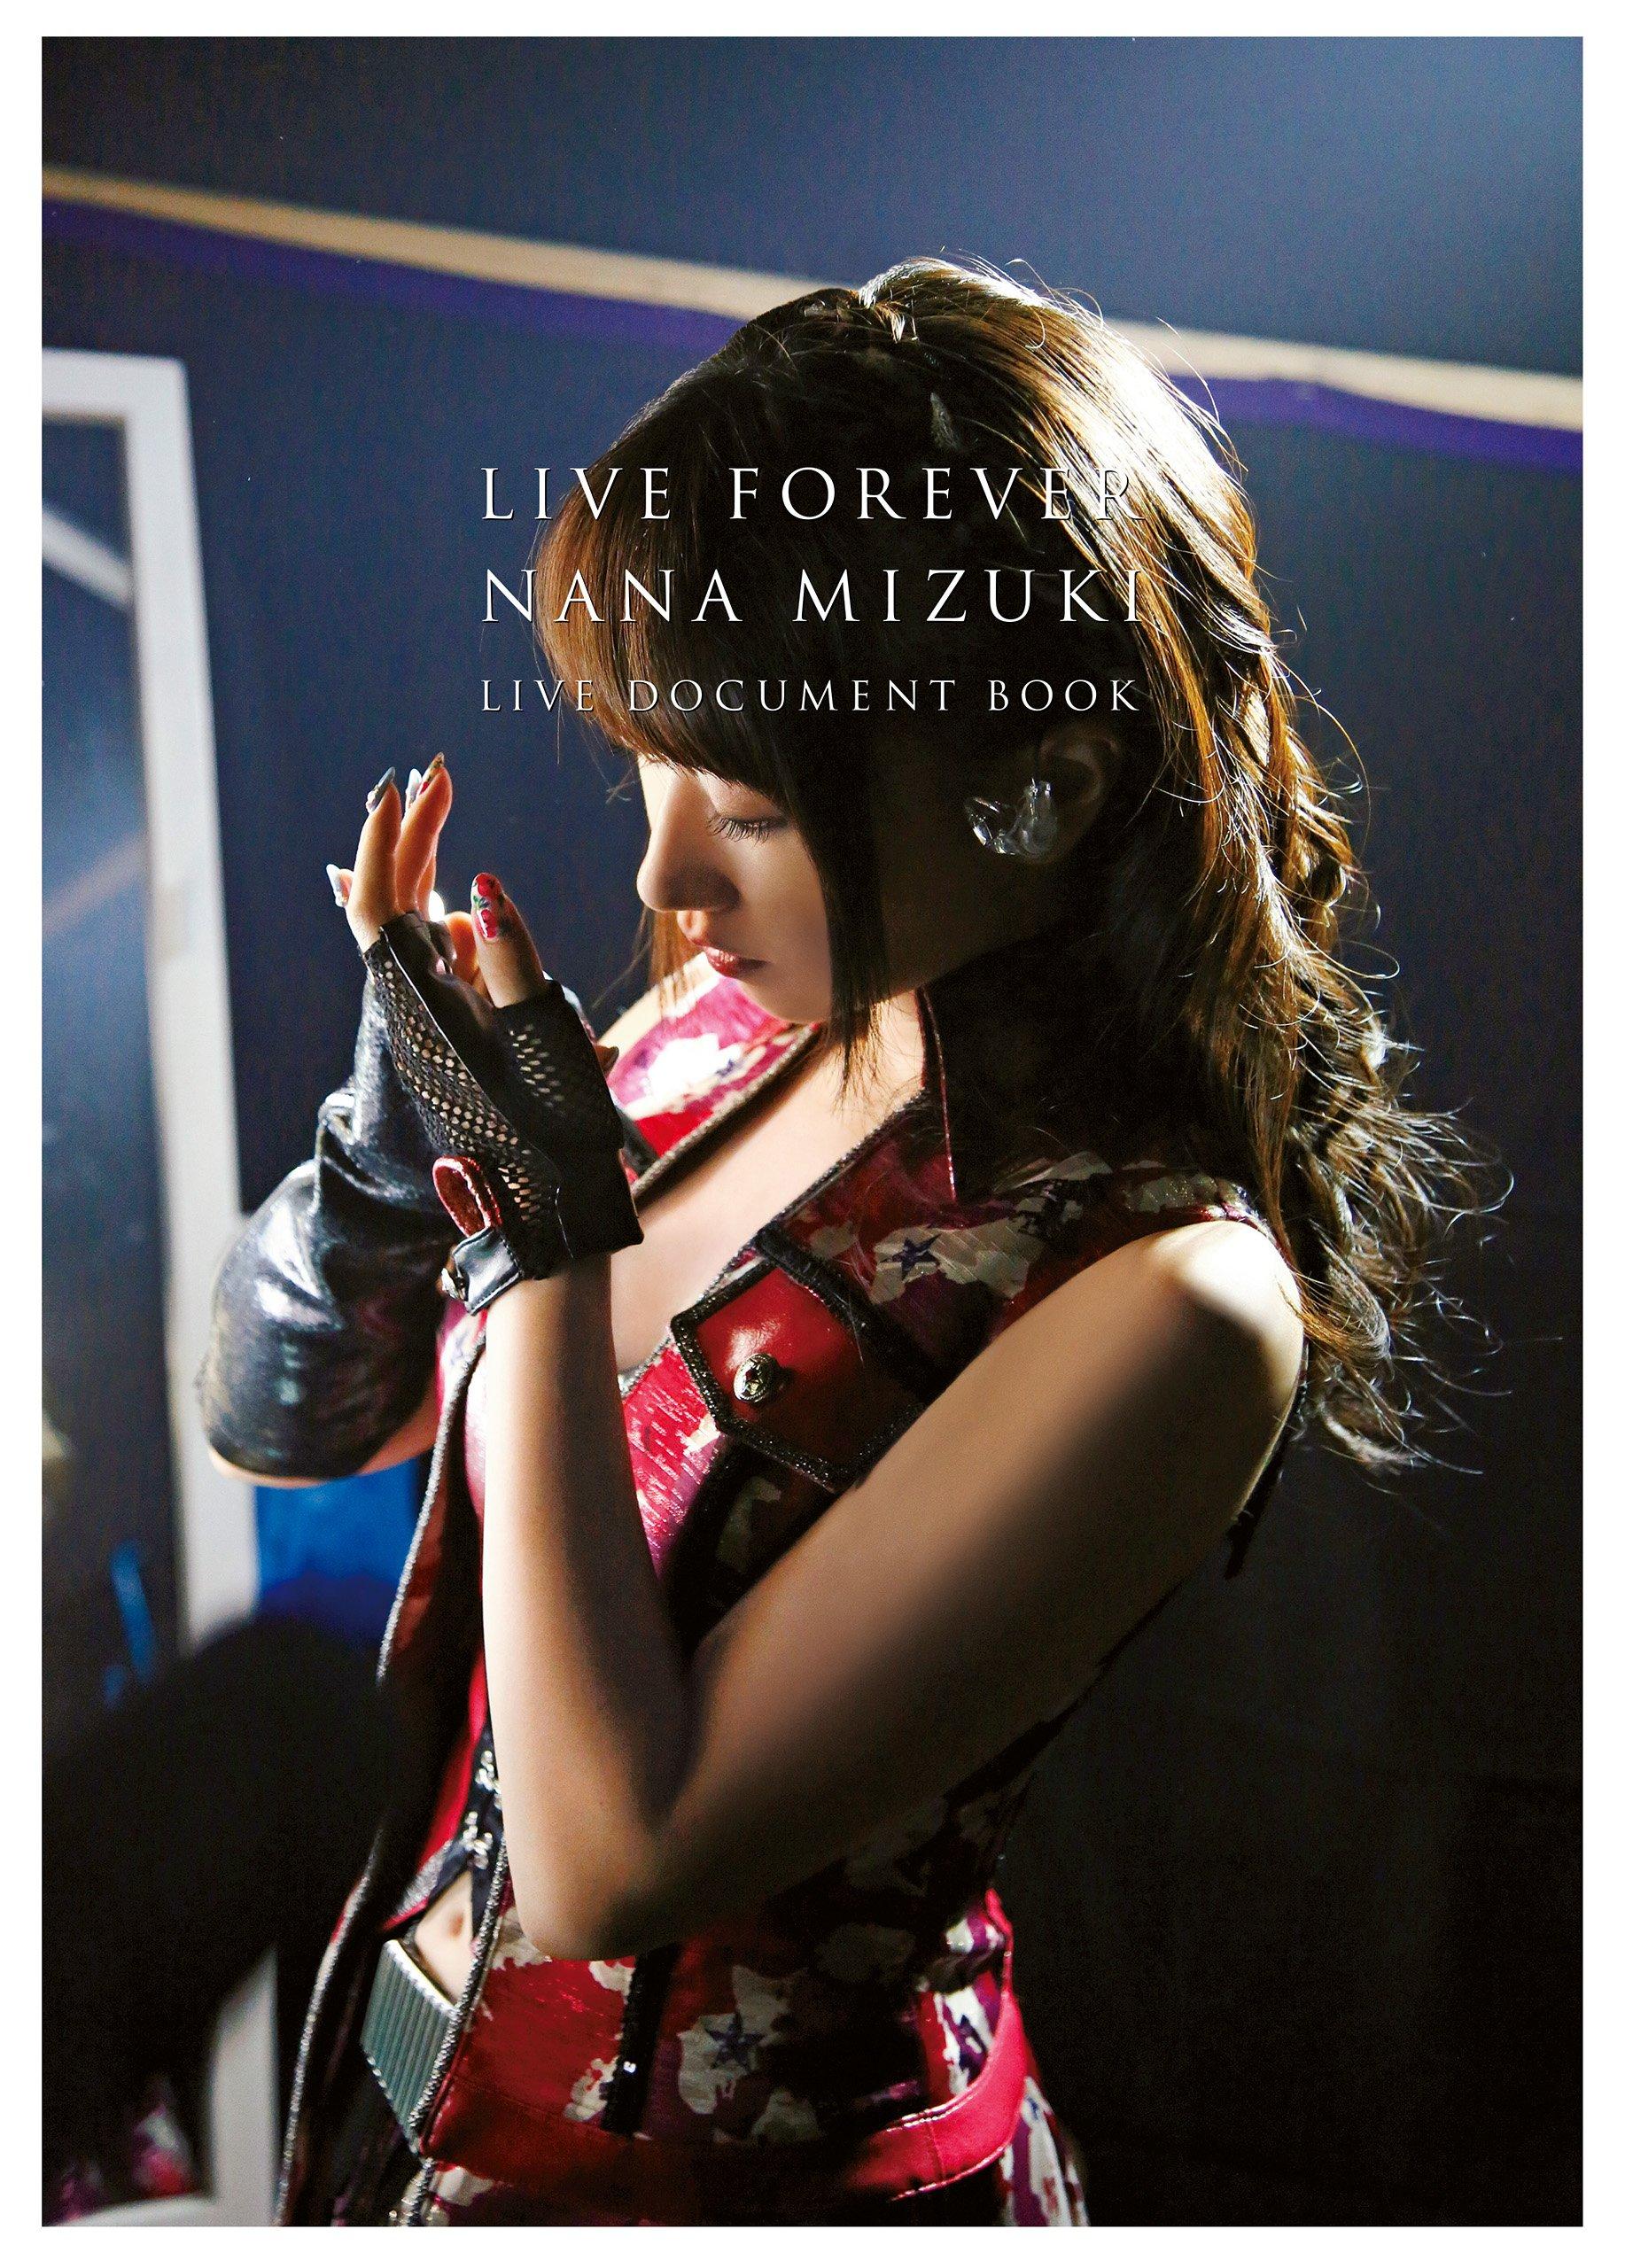 nana mizuki ero LIVE FOREVER-NANA MIZUKI LIVE DOCUMENT BOOK-【特別限定版】 特典:生写真3枚セット | 水樹 奈々 |本  | 通販 | Amazon